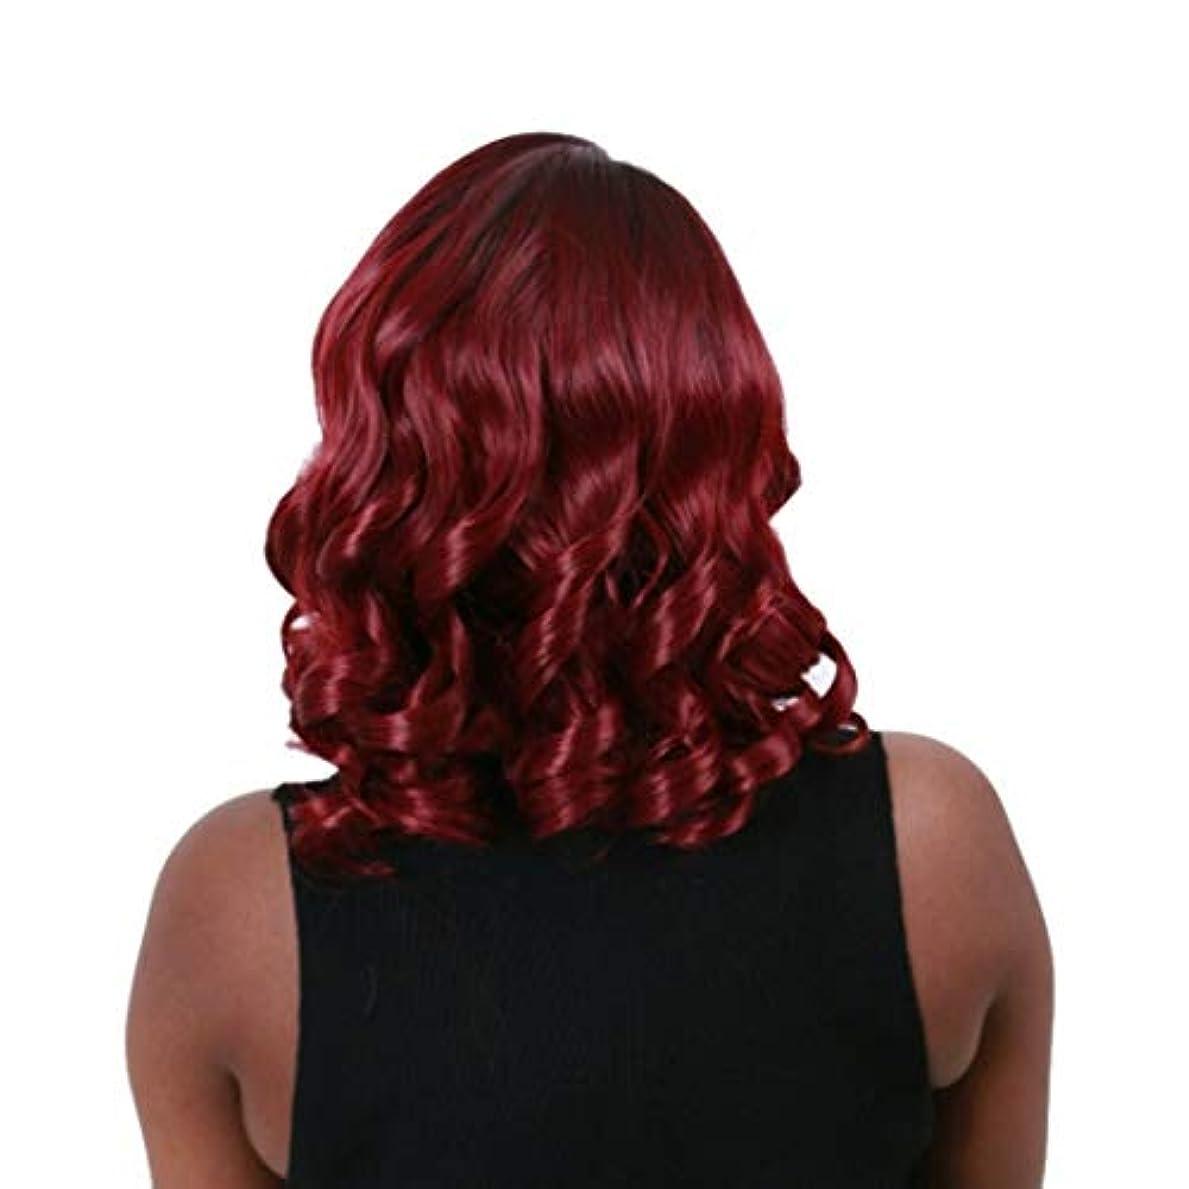 割れ目宙返り徹底的にSummerys かつら女性のための傾斜前髪ショートカーリーヘアーワインレッド高温シルクウィッグ